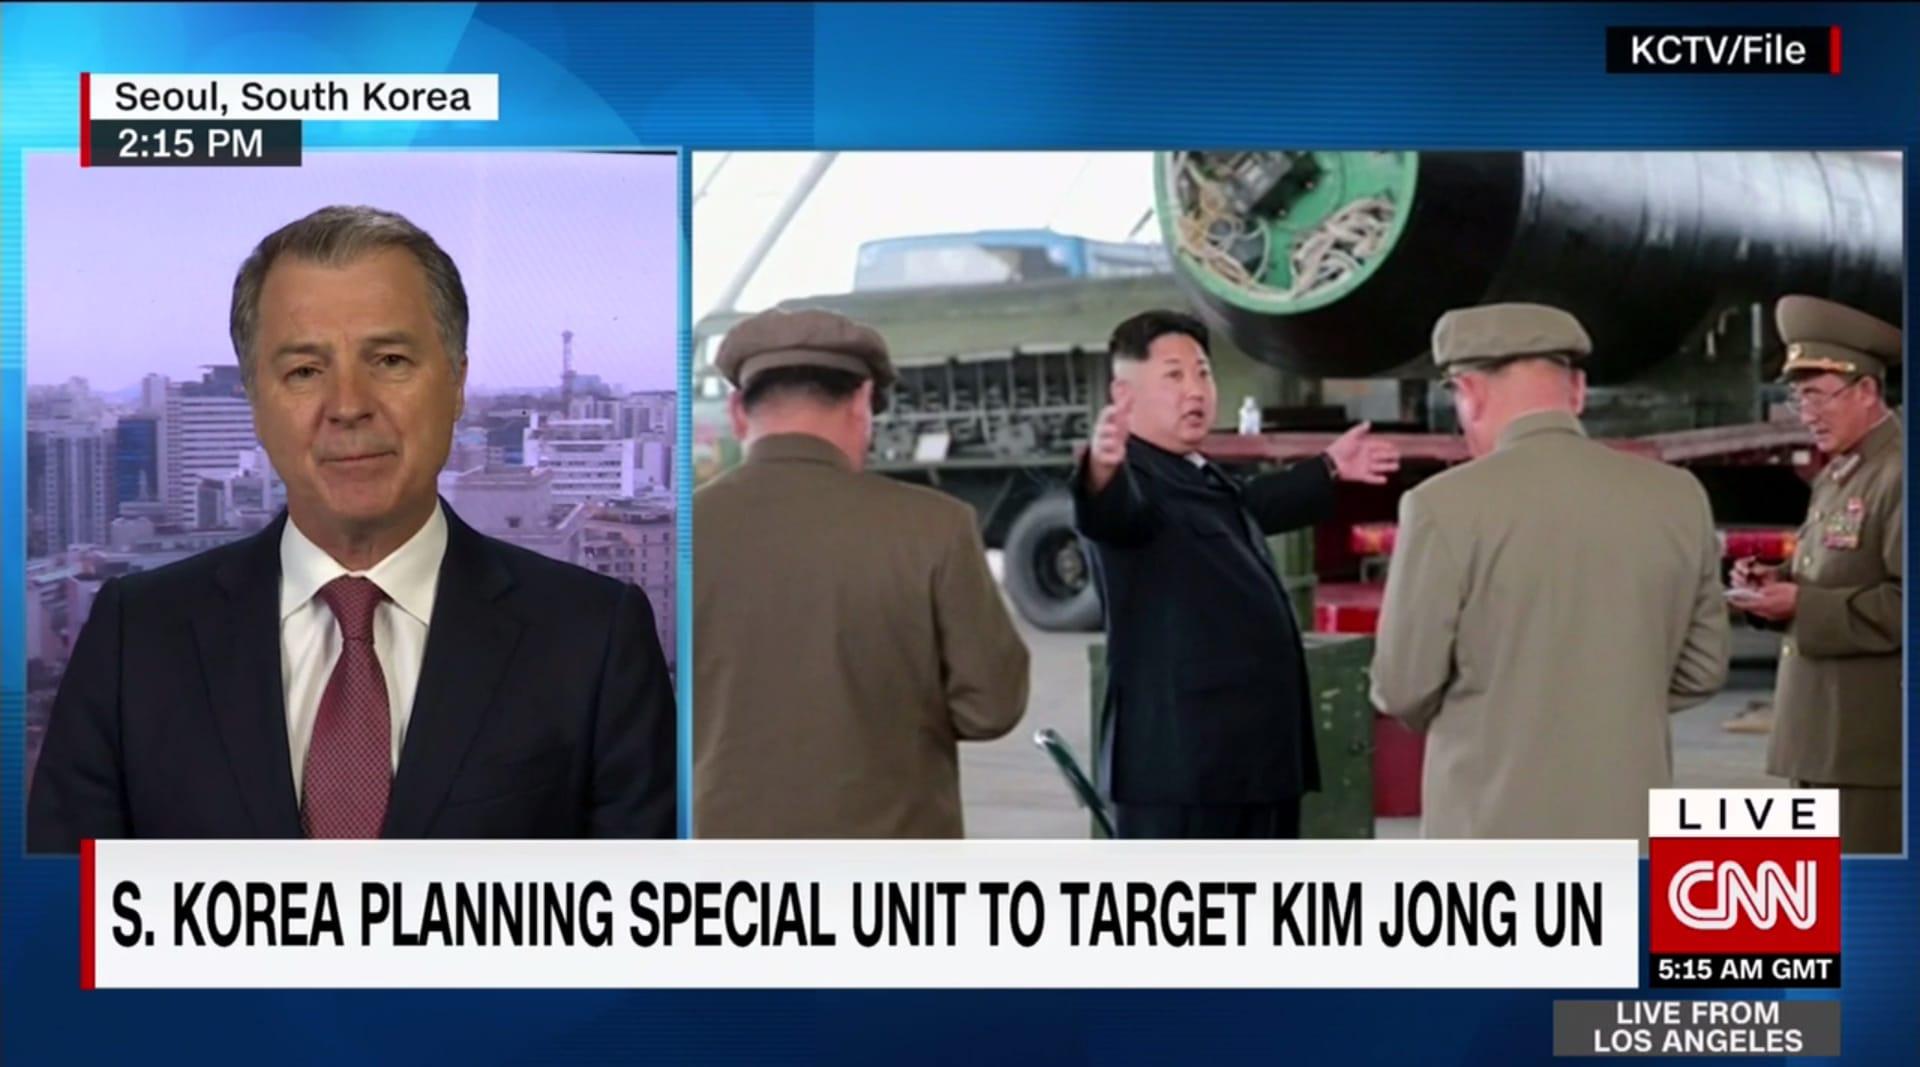 """كوريا الجنوبية تسرّع إنشاء """"وحدة قطع رأس"""" كيم جونغ أون"""